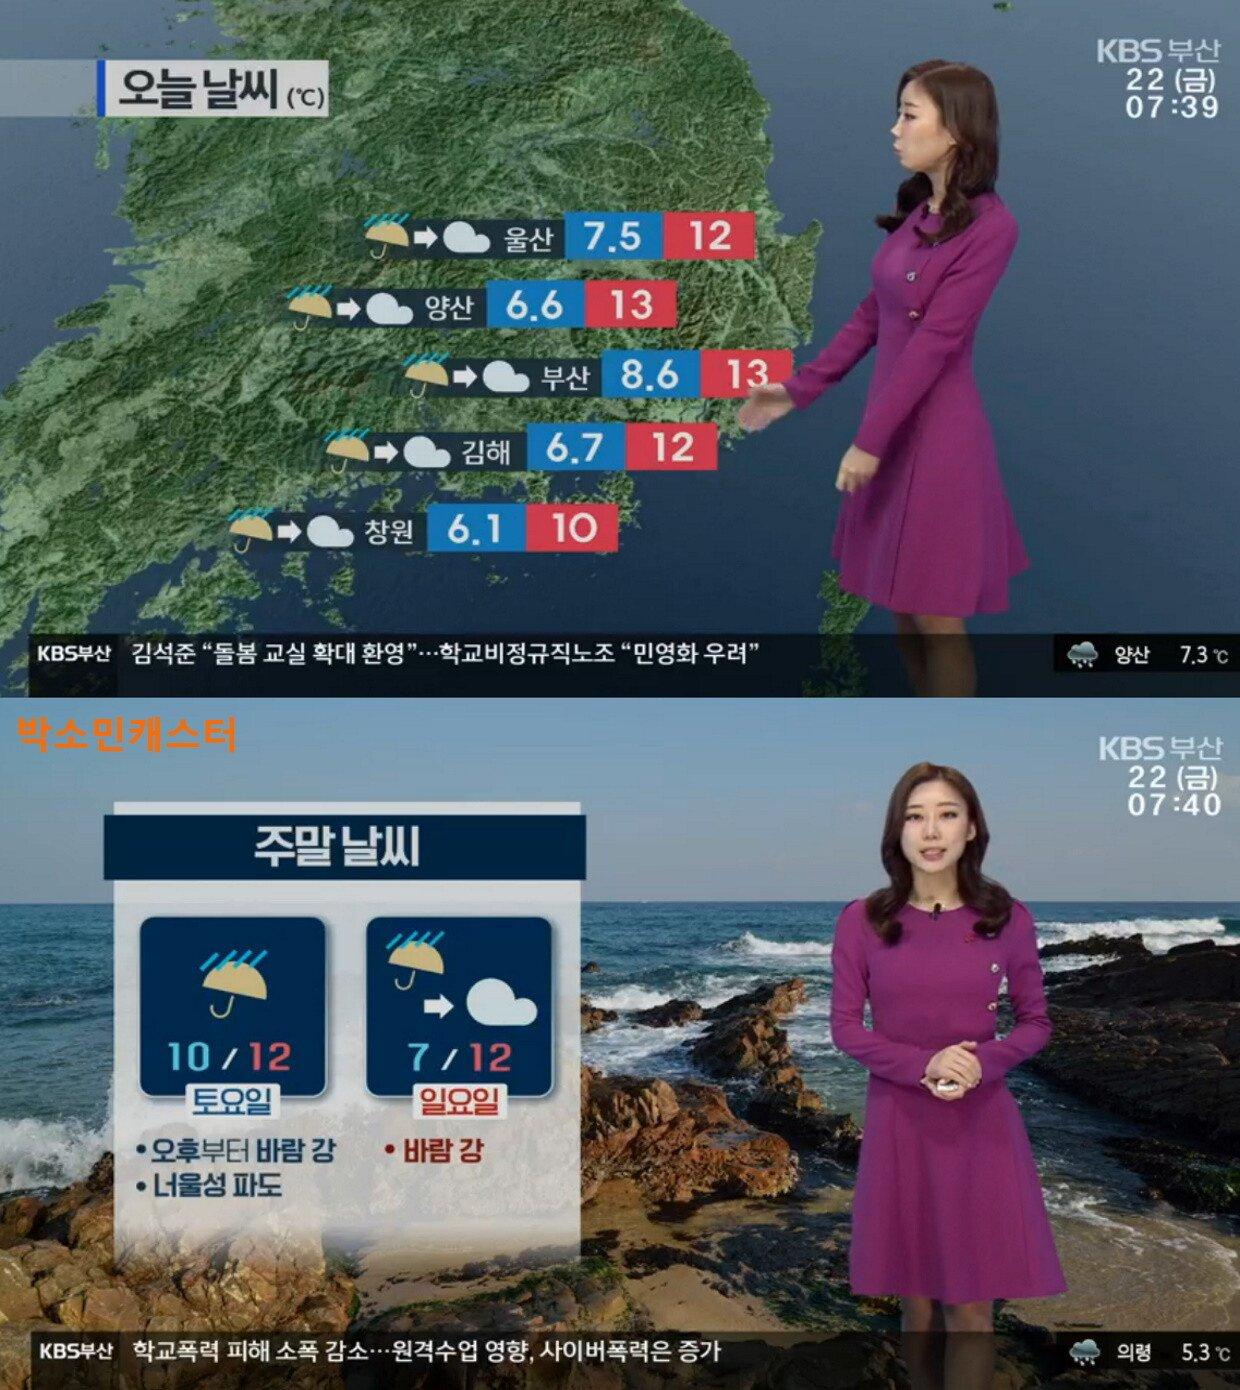 아침12.jpg 오늘 오후부터 내일 오후 남부 및 동해안 중심 비 또는 눈 (중서부 미세먼지)